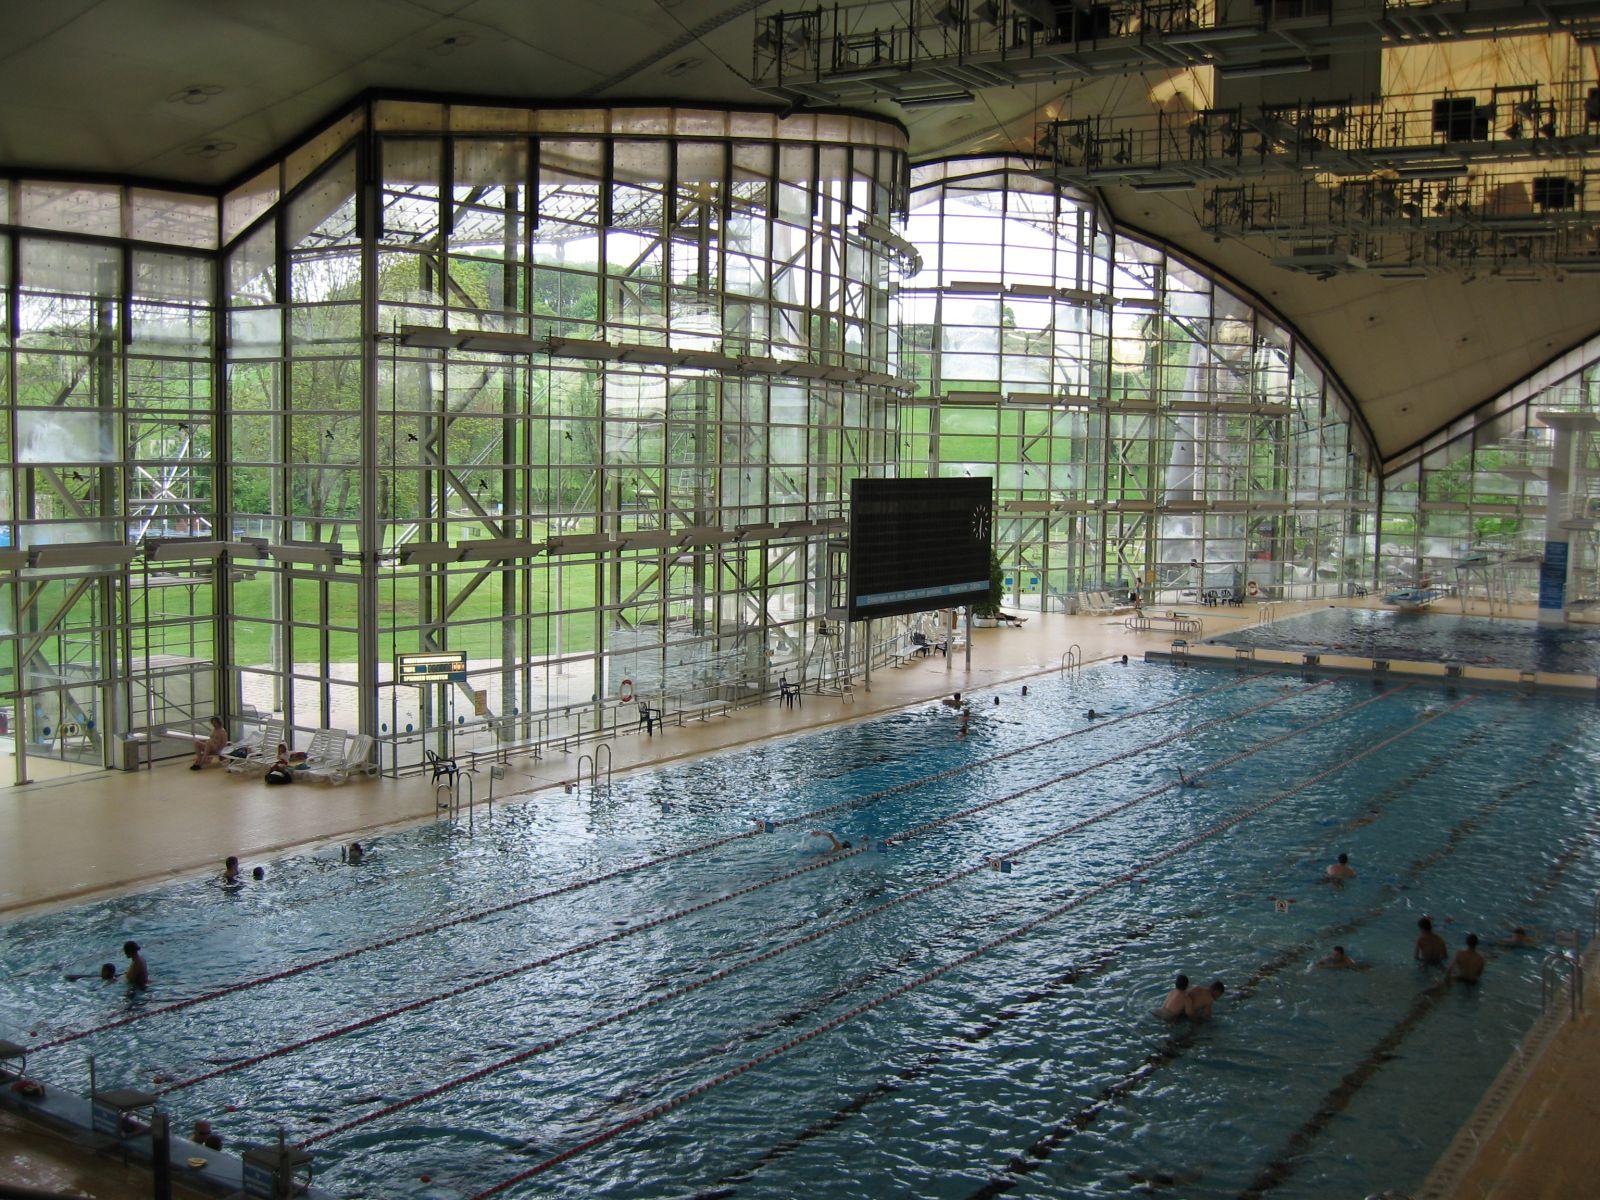 Immobilienreport m nchen Schwimmbecken bei obi